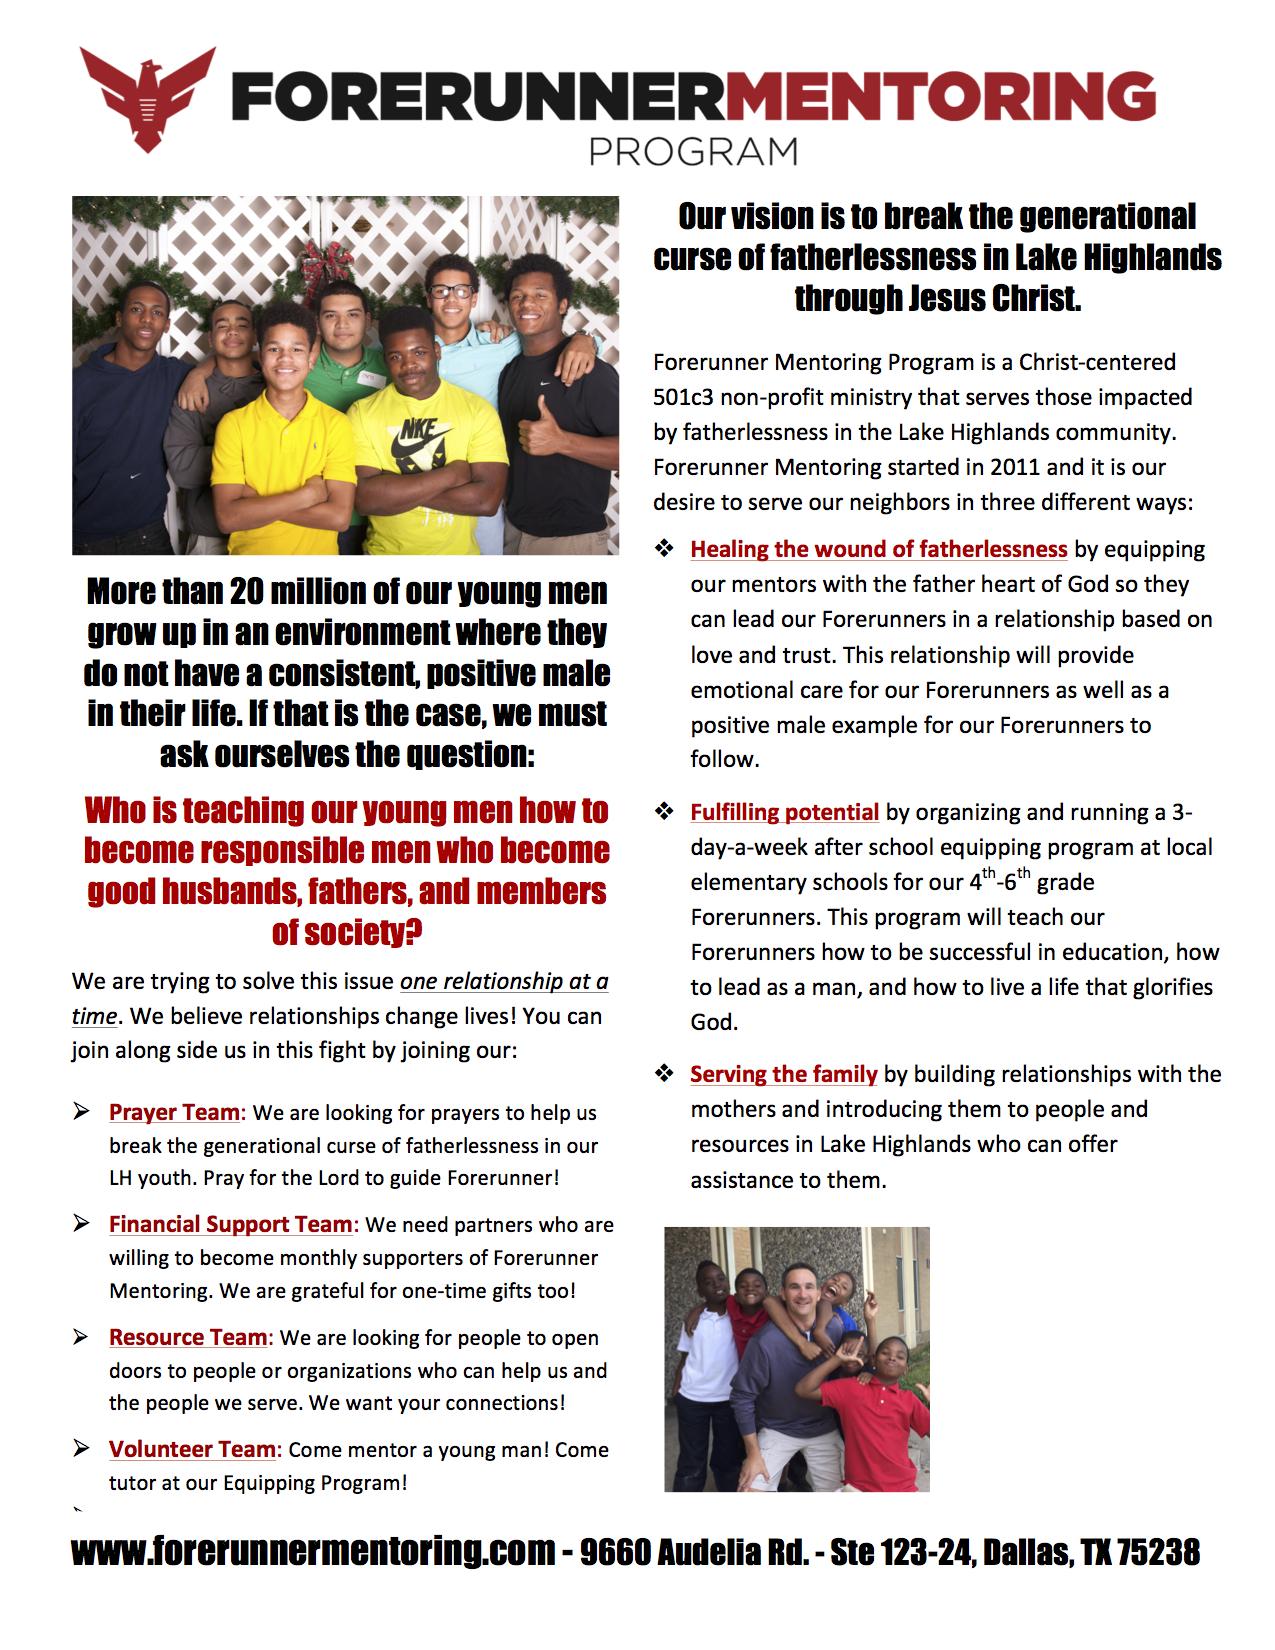 2015 End-of-the-Year Newsletter — Forerunner Mentoring Program